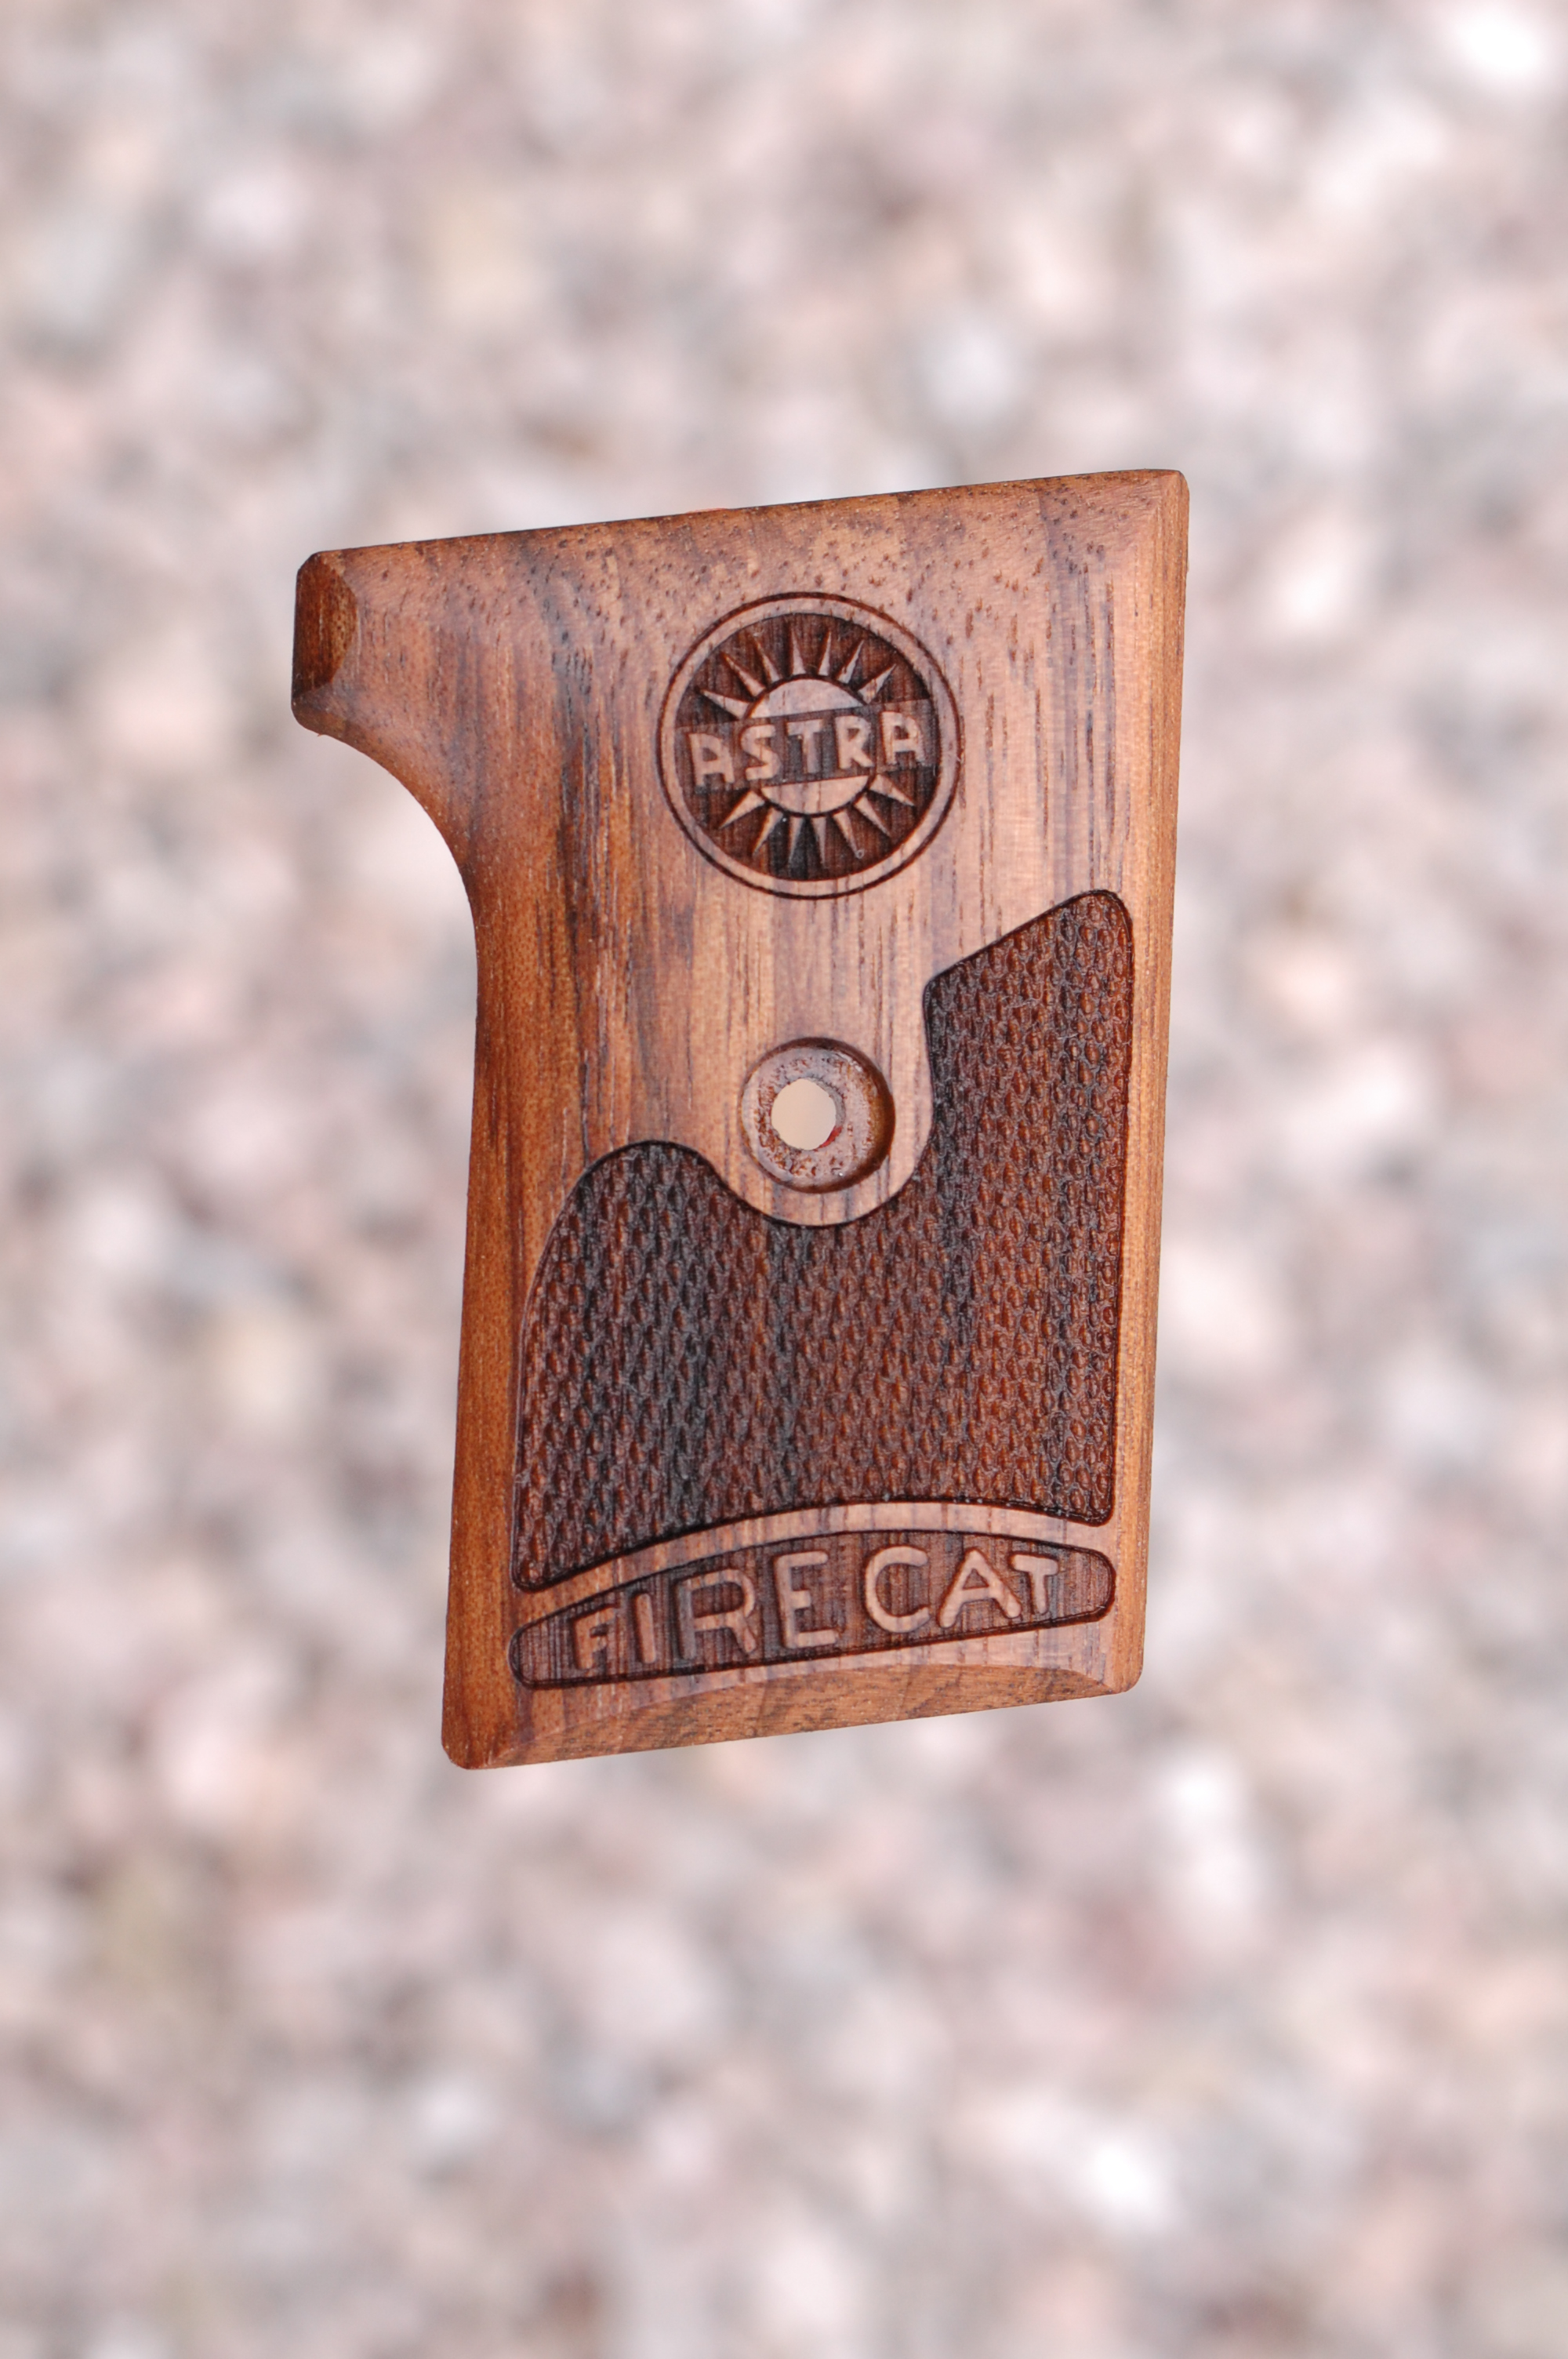 ASTRA FIRECAT Grips (ckrd+logo) - full size